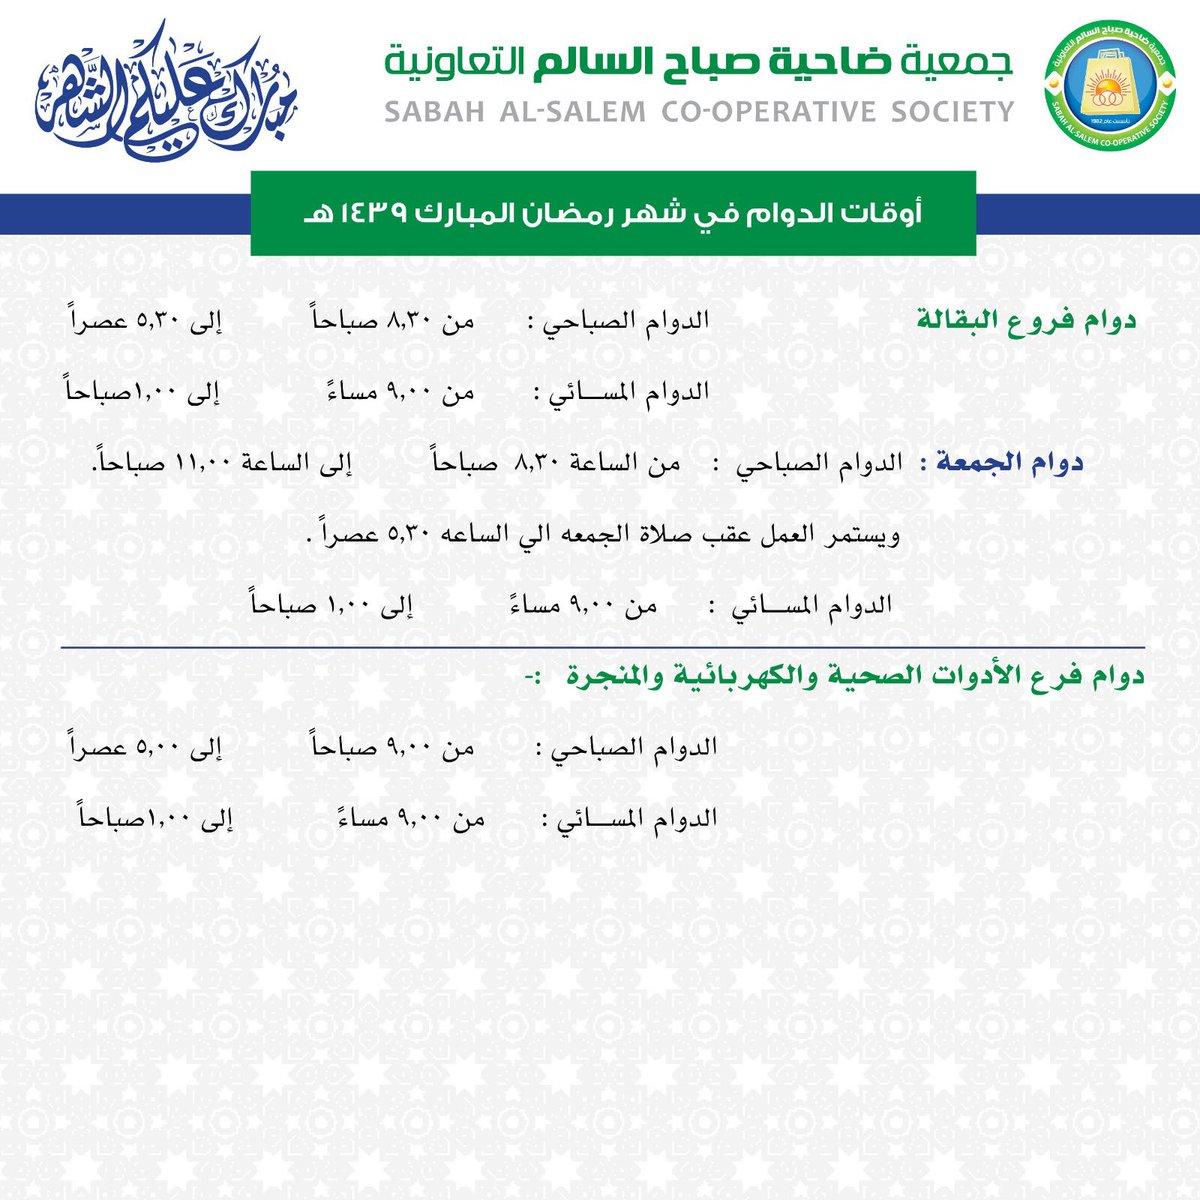 جمعية صباح السالم التعاونية On Twitter مواعيد الدوام في شهر رمضان المبارك لإدارة الجمعية والاسواق المركزية والأفرع